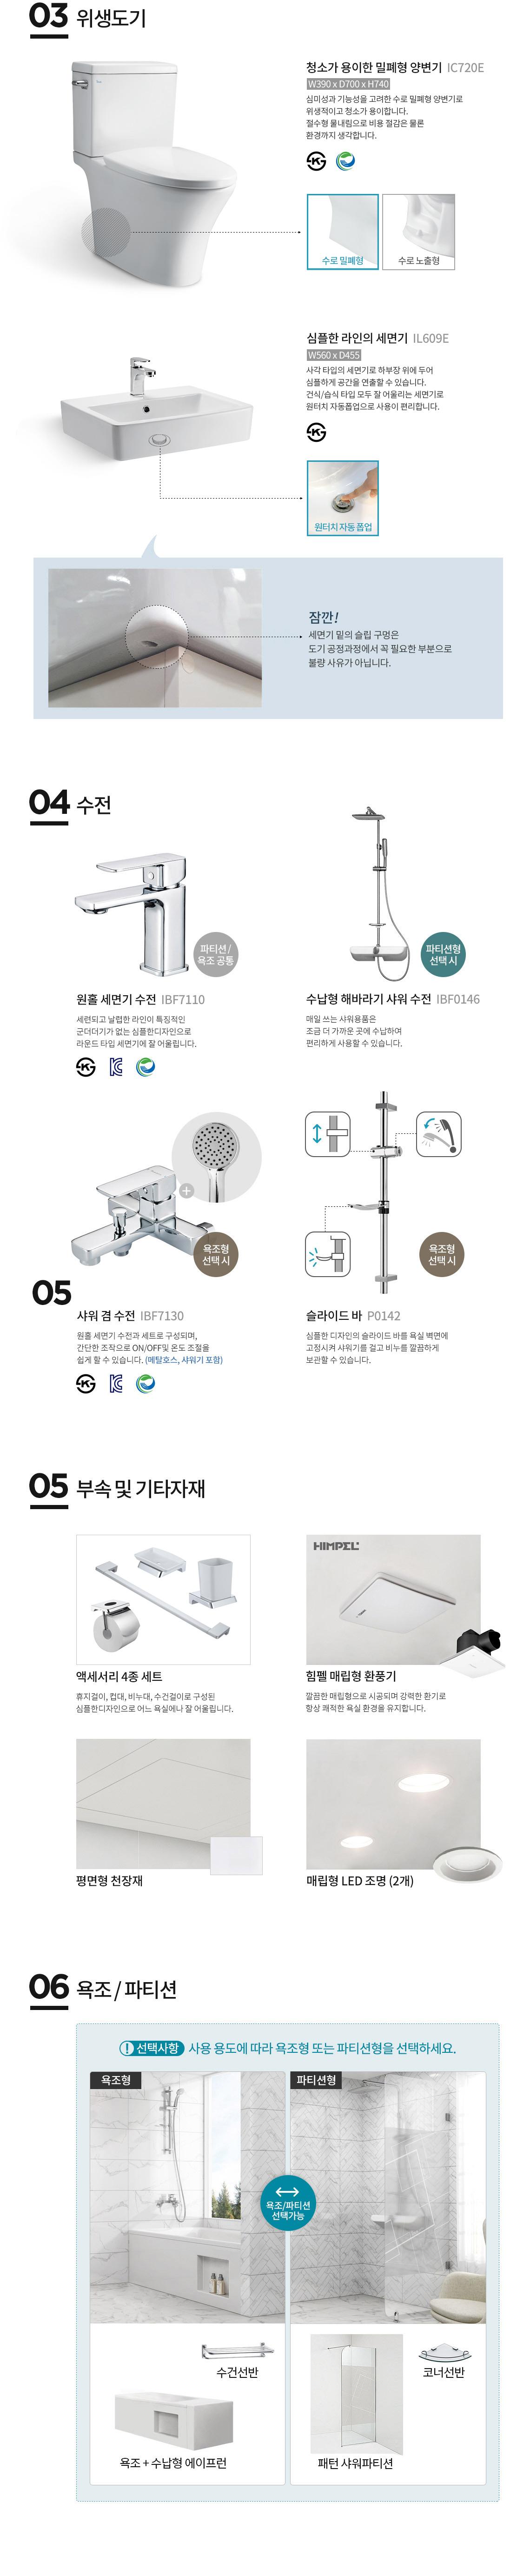 블랑캐슬 상품설명